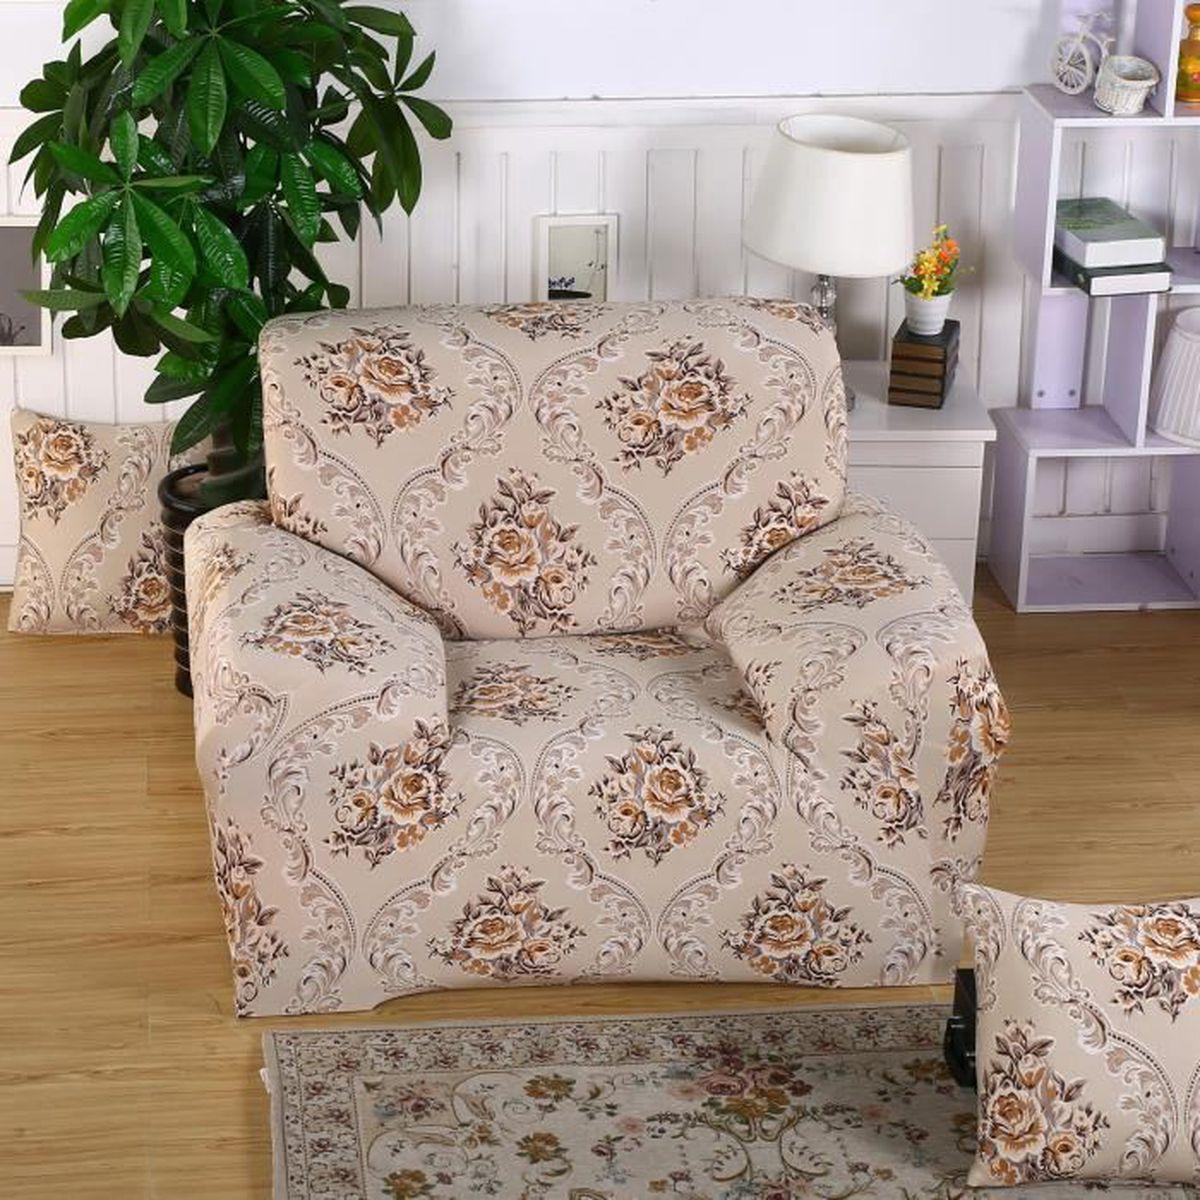 Comment Faire Une Housse De Fauteuil housse de fauteuil/canapé 1 place décoration du maison café